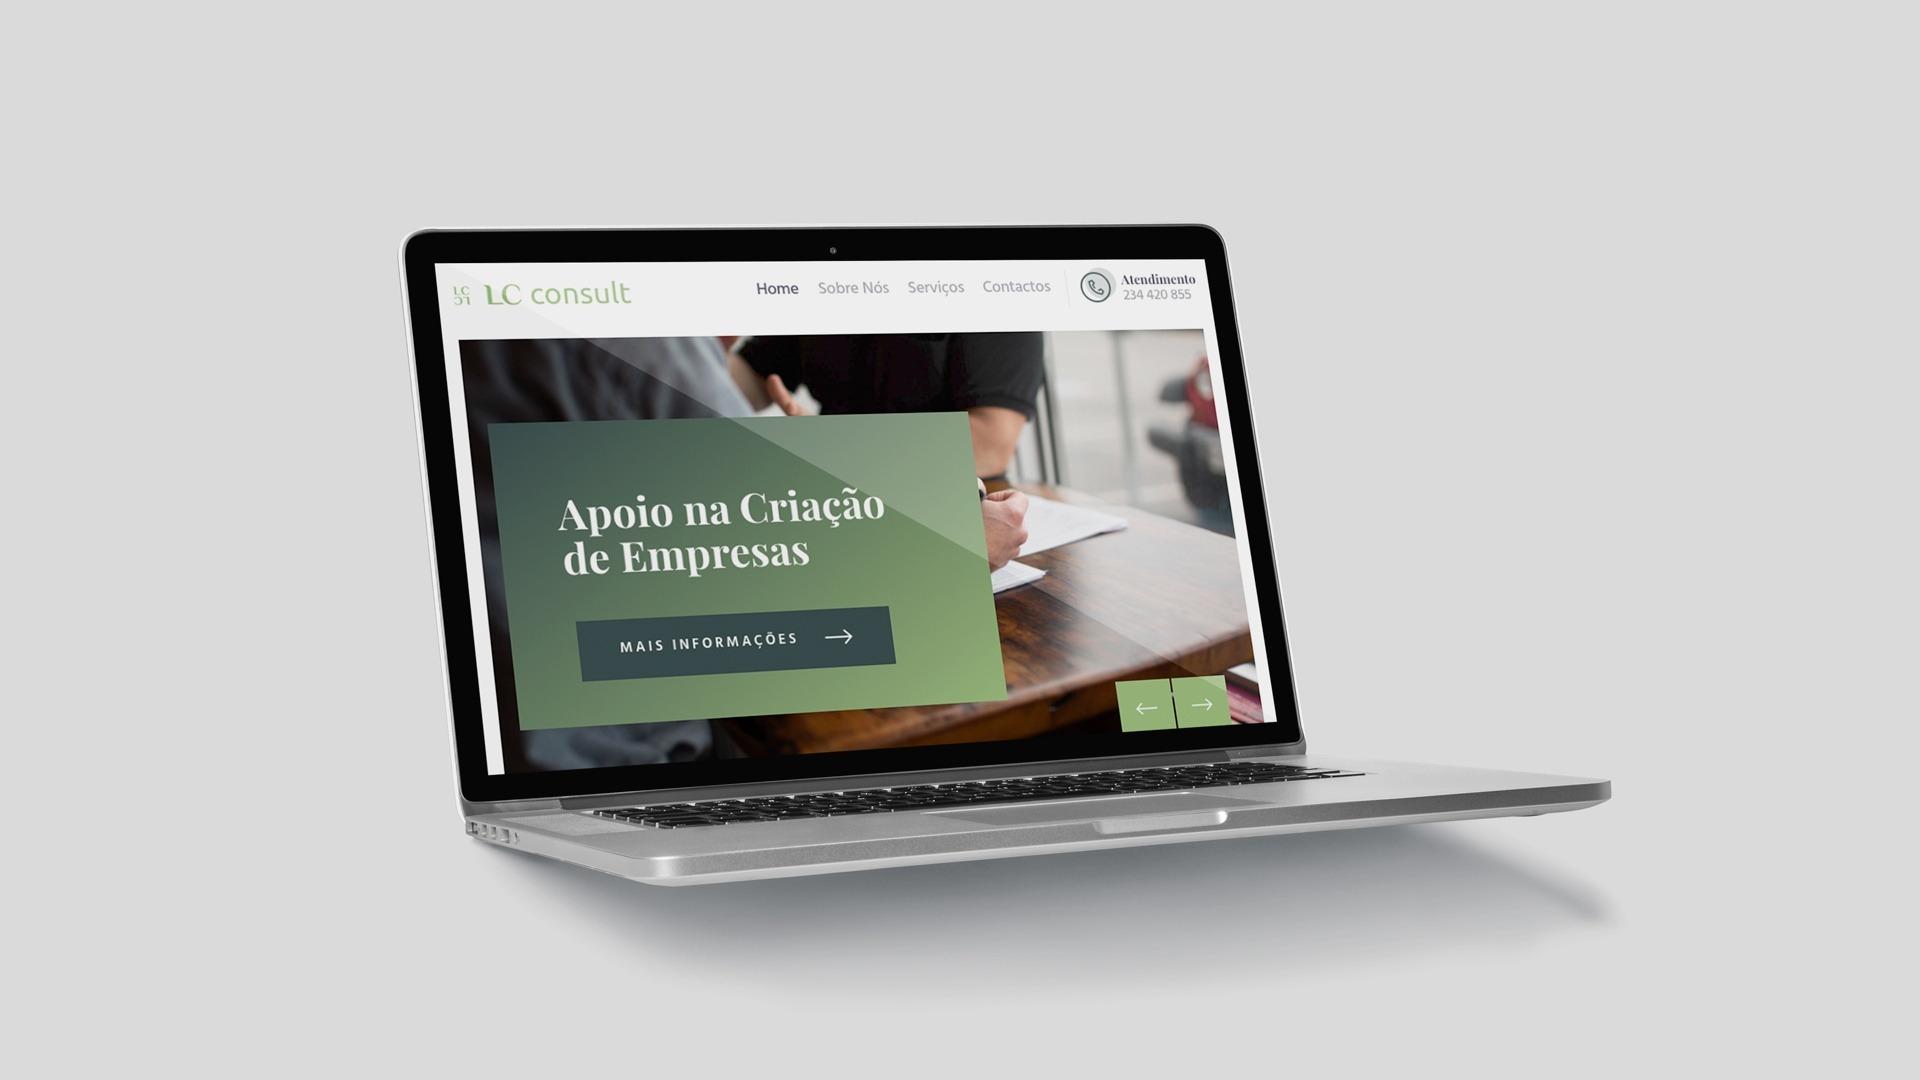 desenvolvimento de website lc consult criado pela agência react